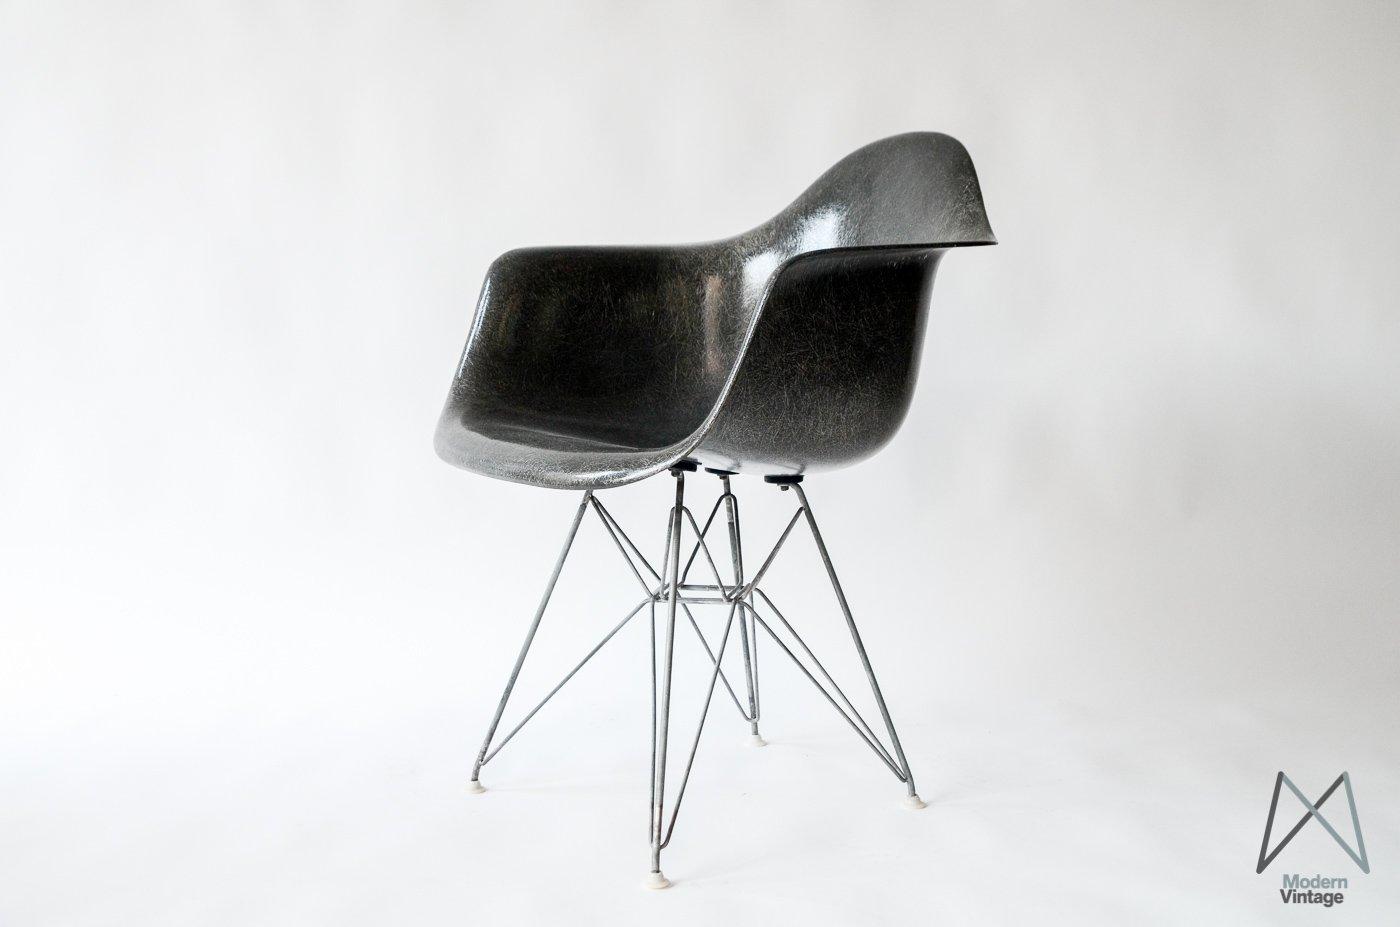 Sessel Eames modern vintage amsterdam original eames furniture eames dar